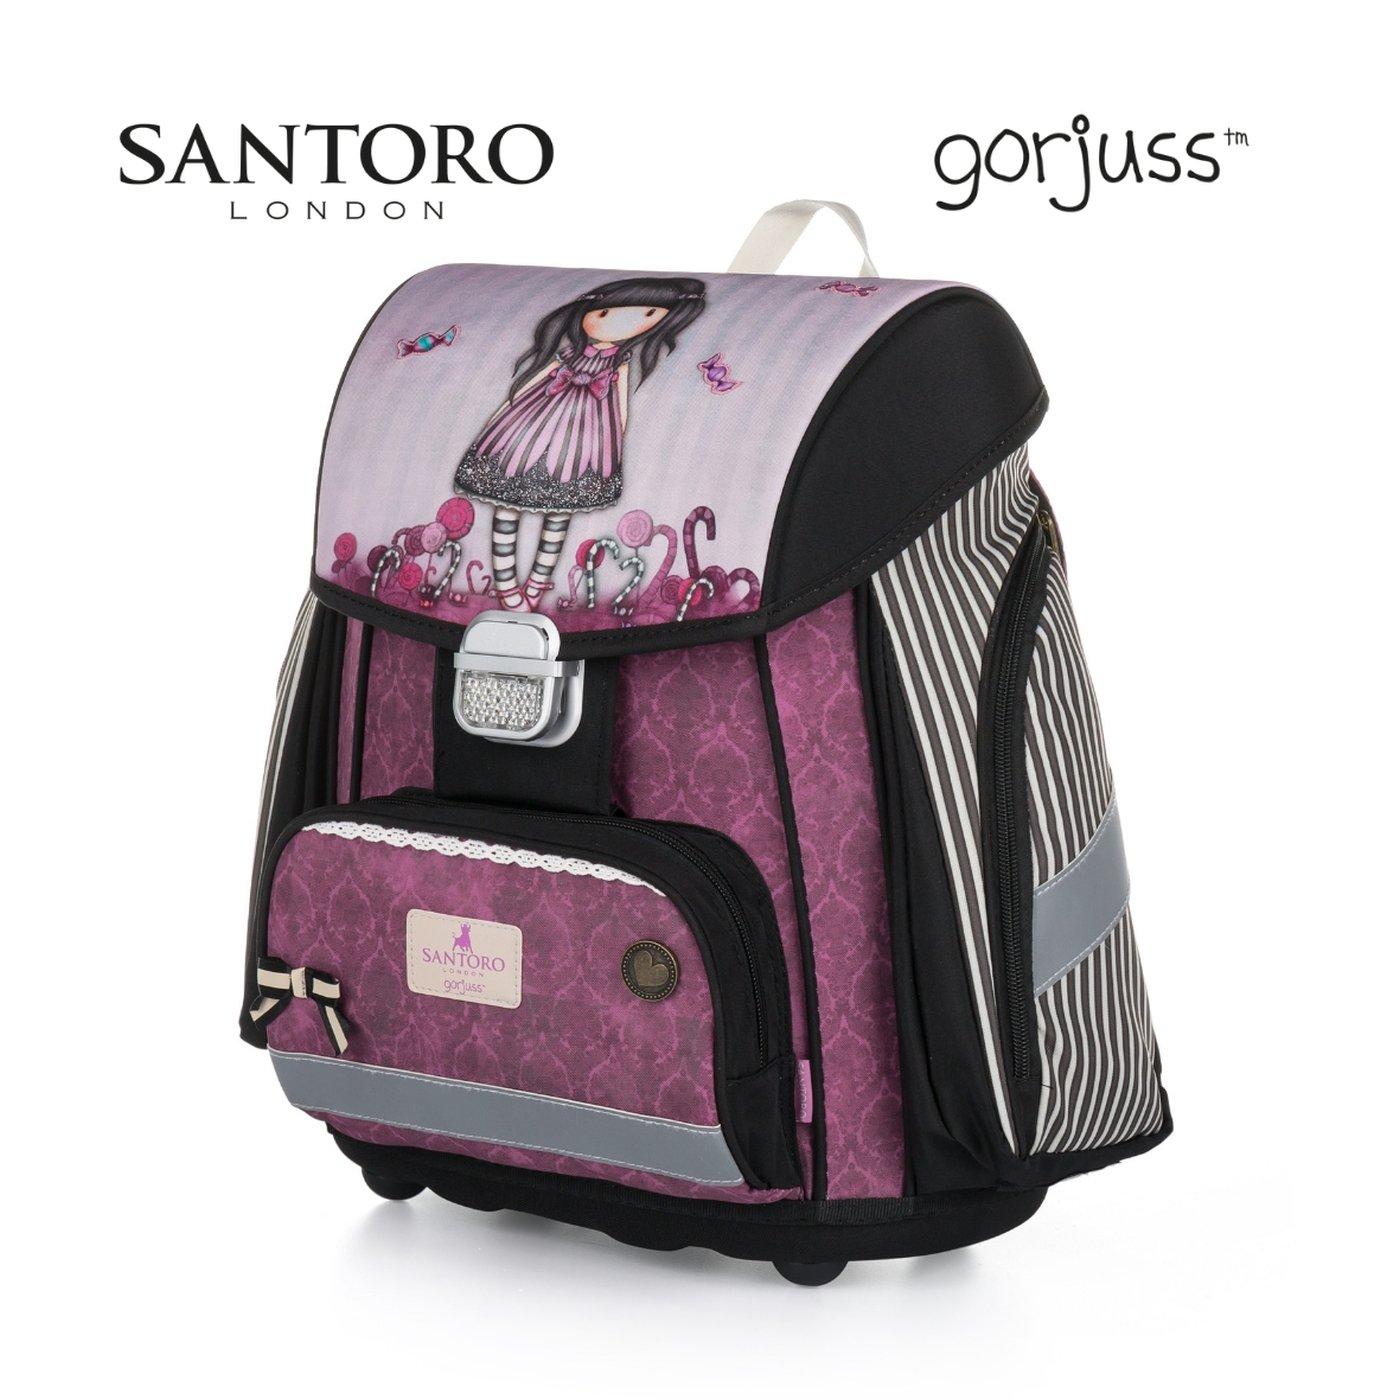 389aacfa18 School Backpack PREMIUM Sugar And Spice - Školní potřeby » BATOHY A ...